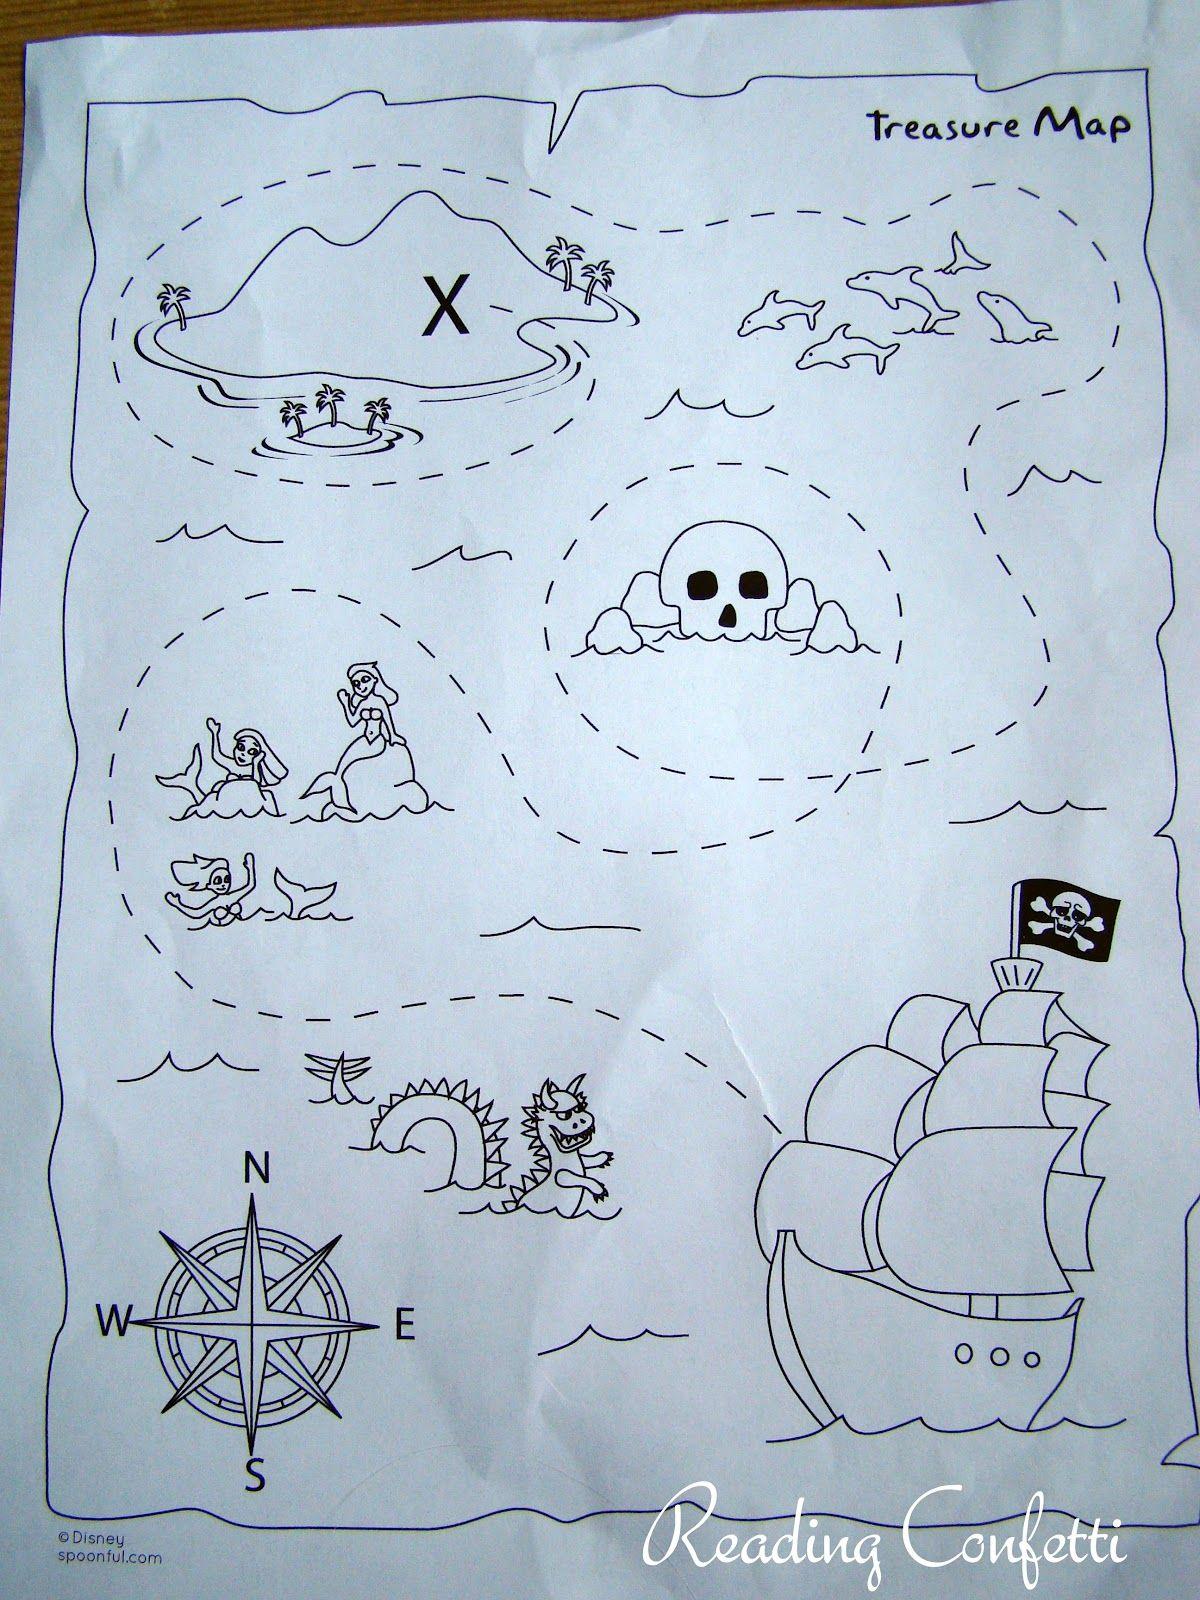 Reading Confetti Preschool Treasure Maps